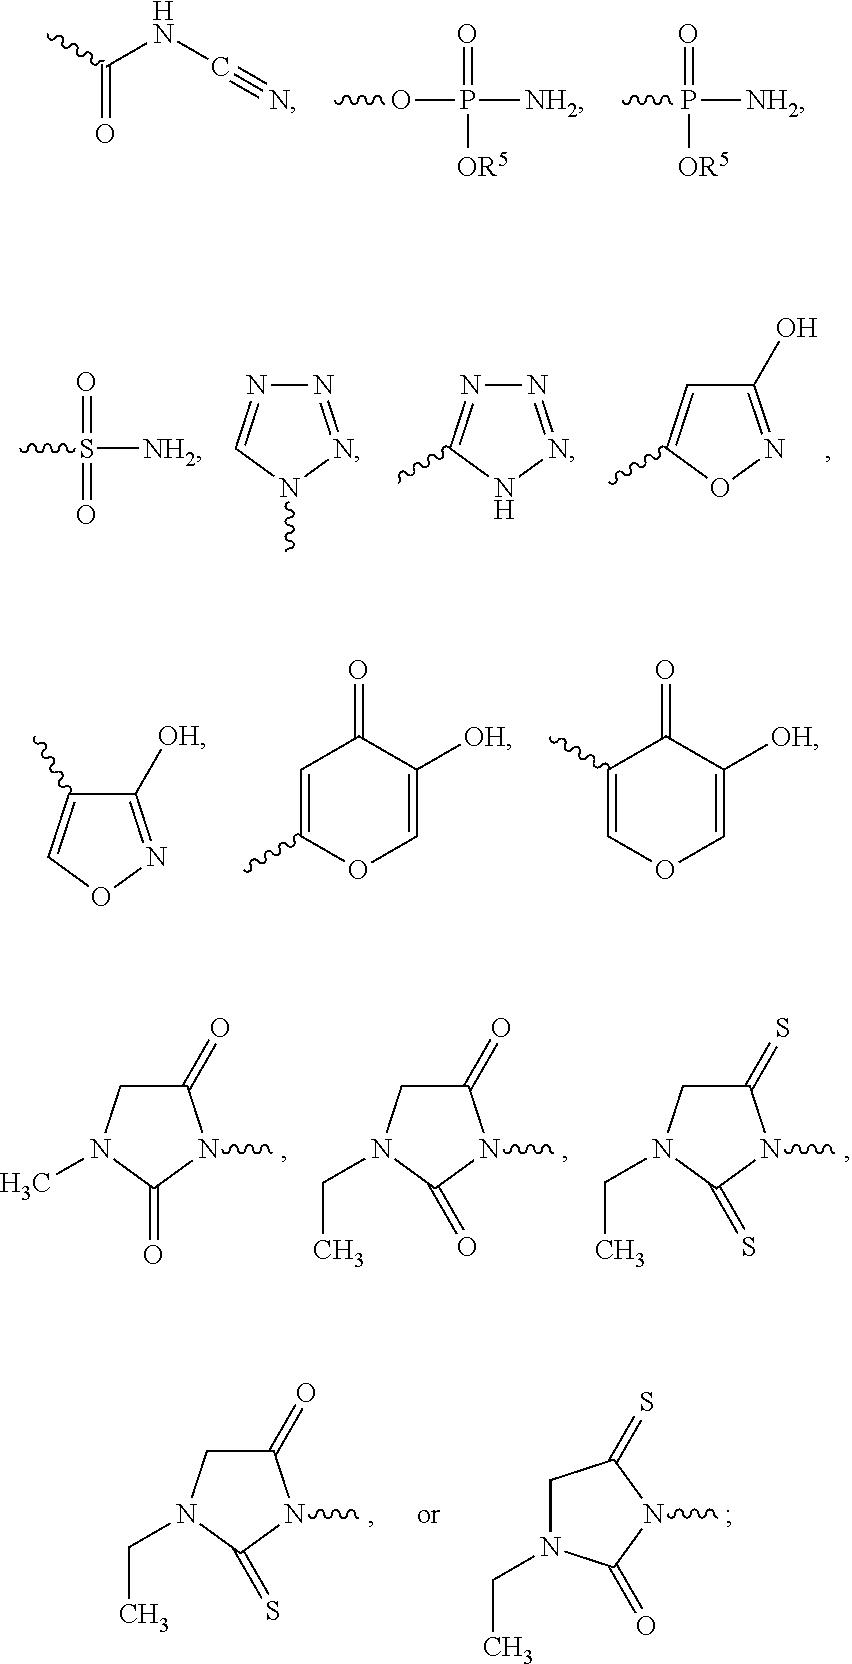 Figure US09662307-20170530-C00006